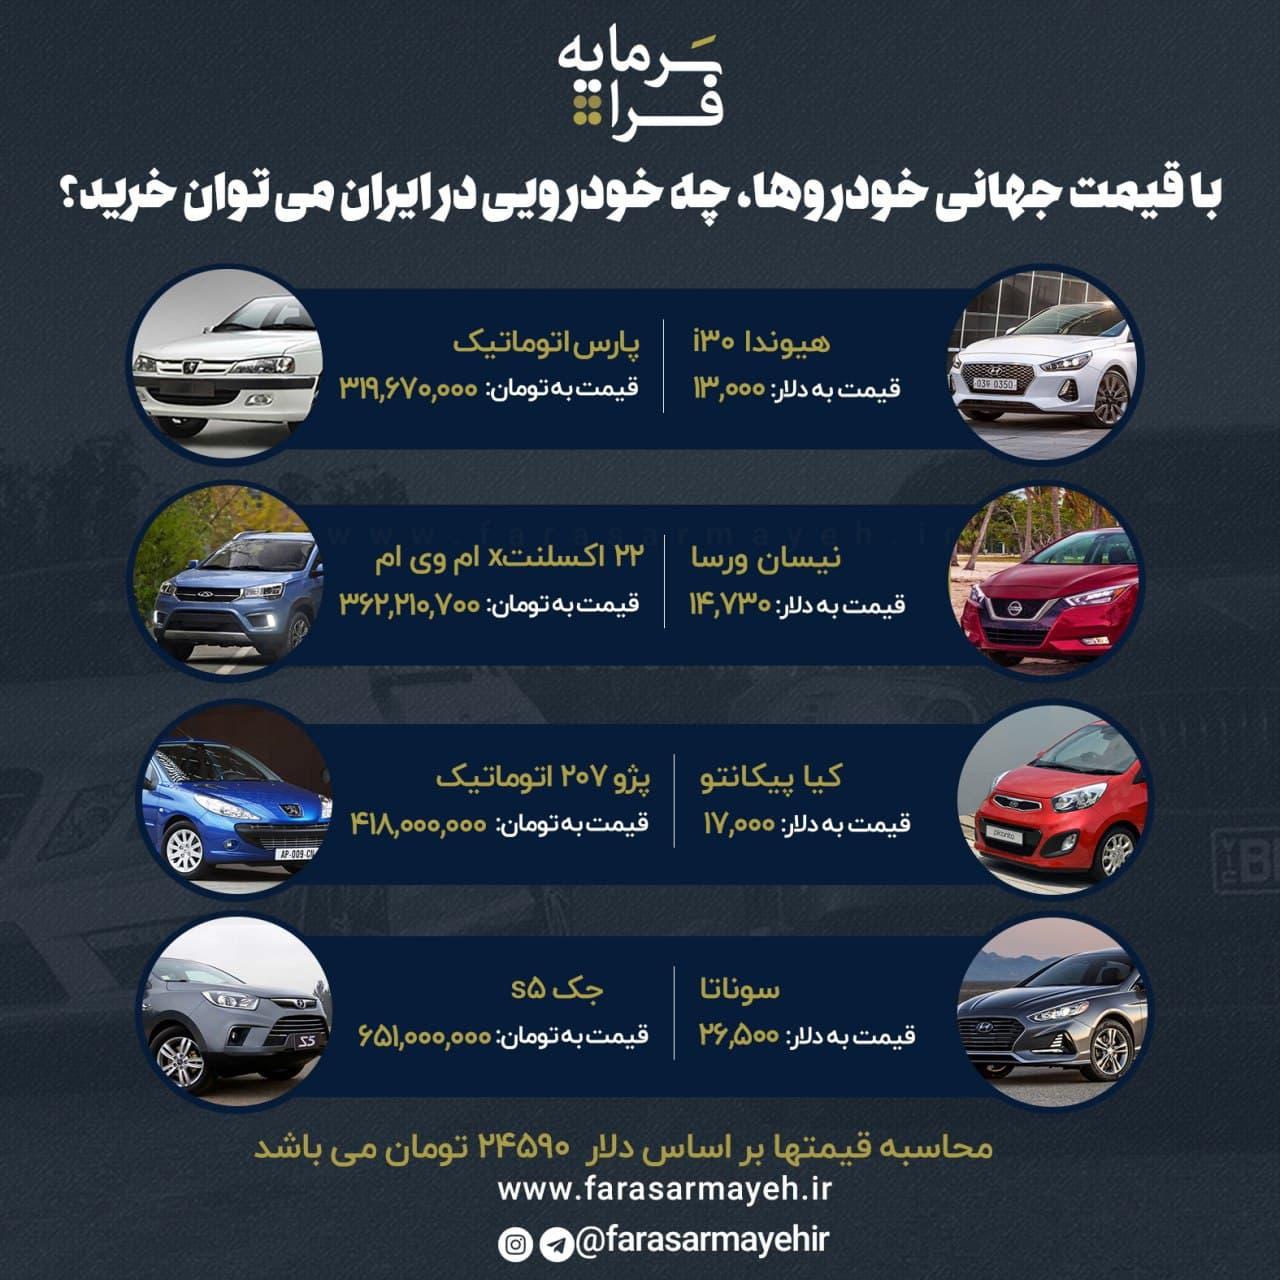 با قیمت جهانی خودروها، چه خودرویی در ایران می توان خرید؟